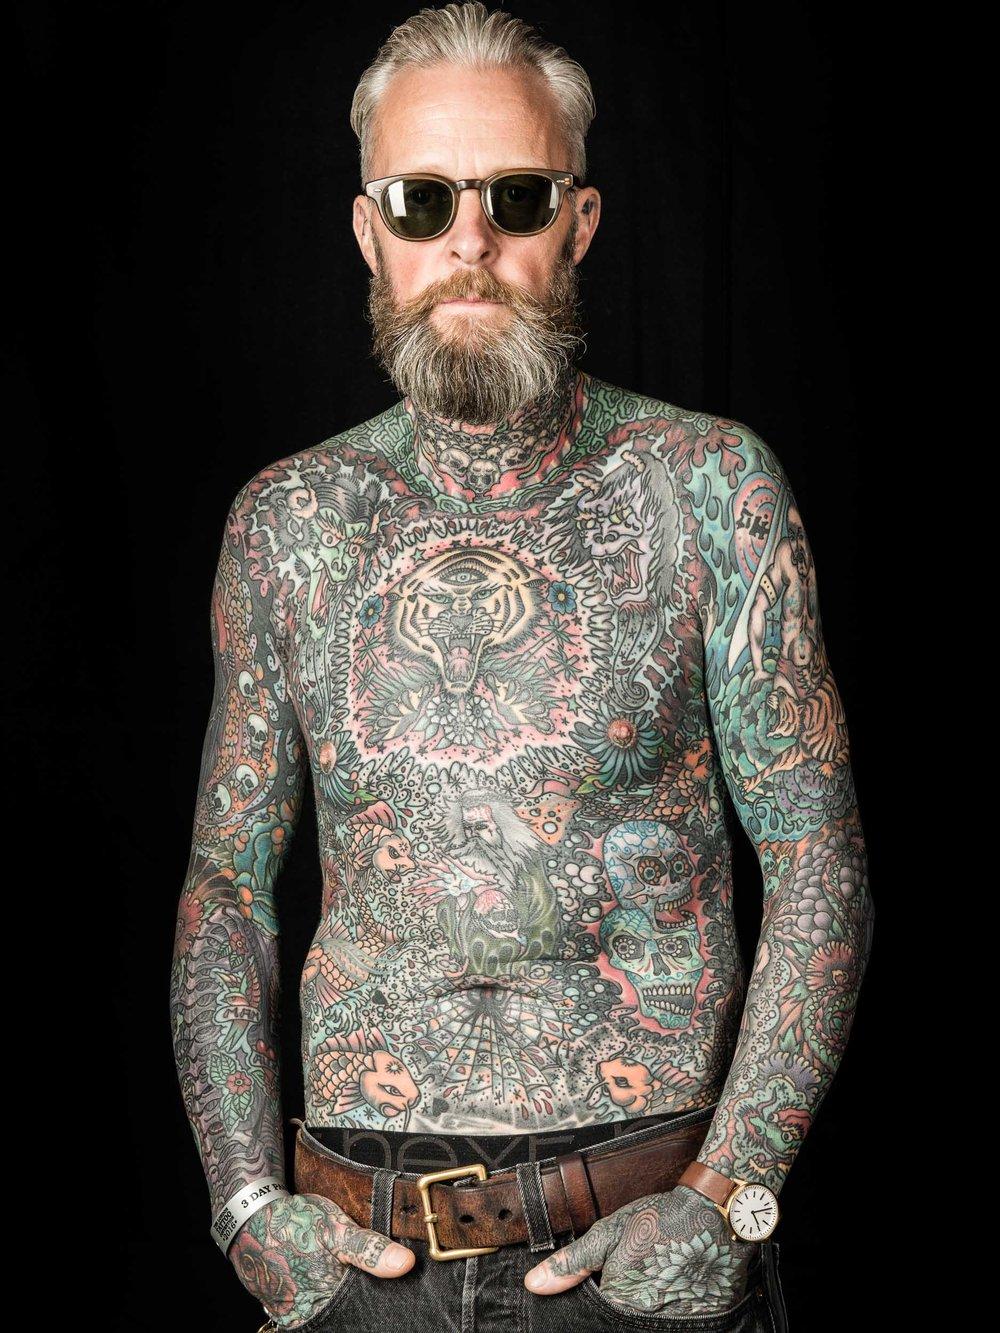 www.iaincrockart.com_tattoo-8.jpg